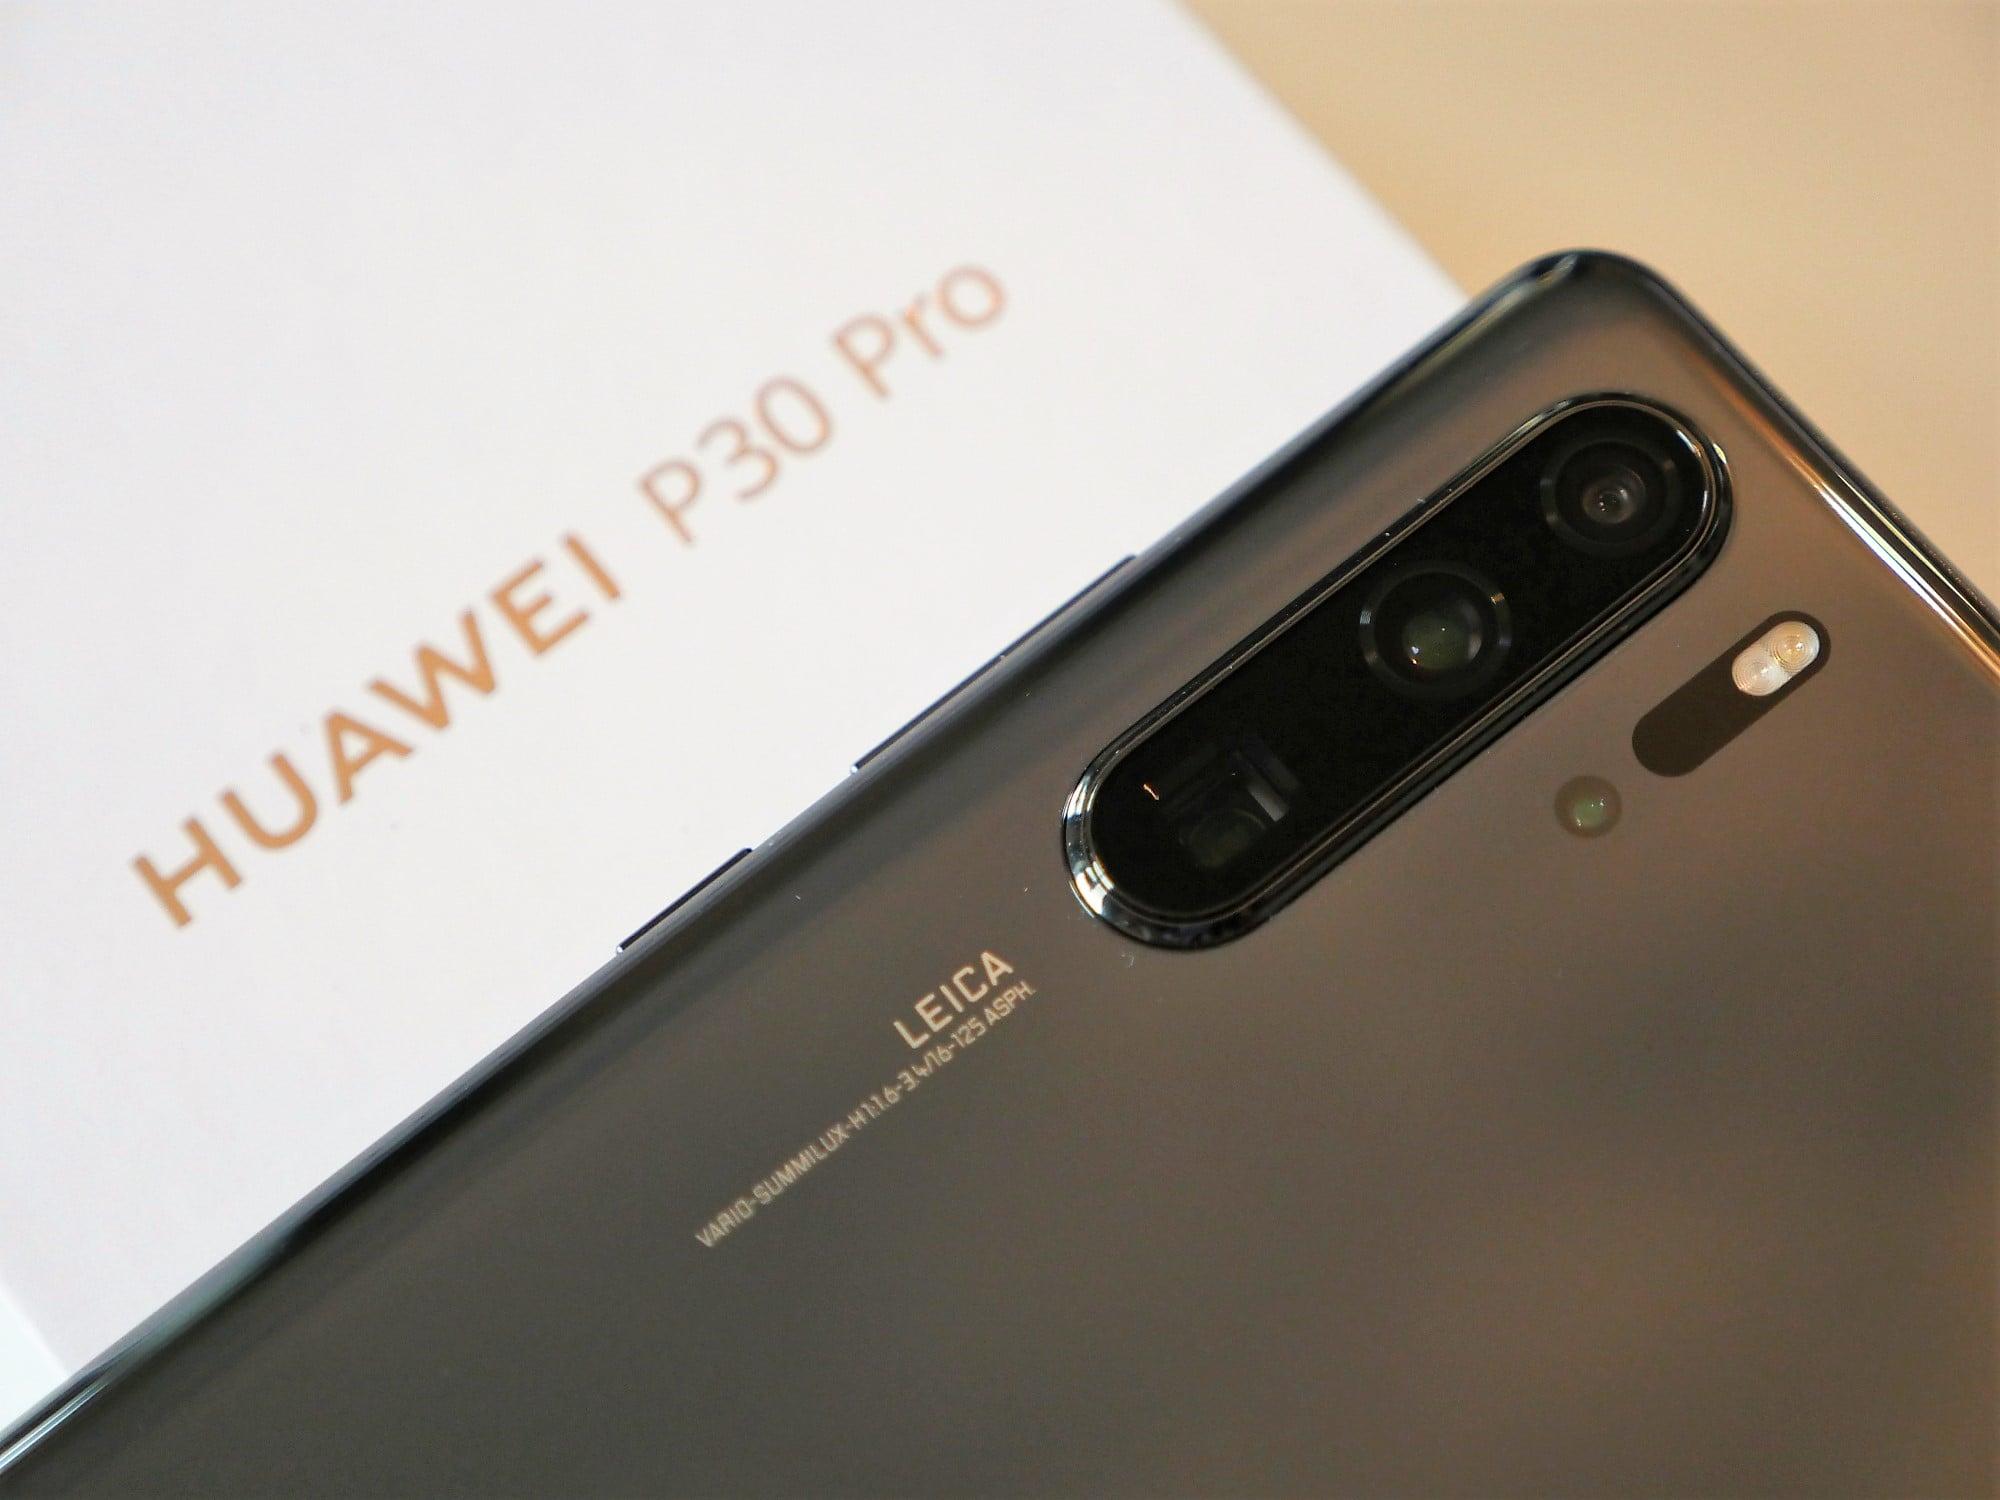 Huawei P30 Pro - pierwsze wrażenia. Zdjęcia nocne mają być jeszcze lepsze! 20